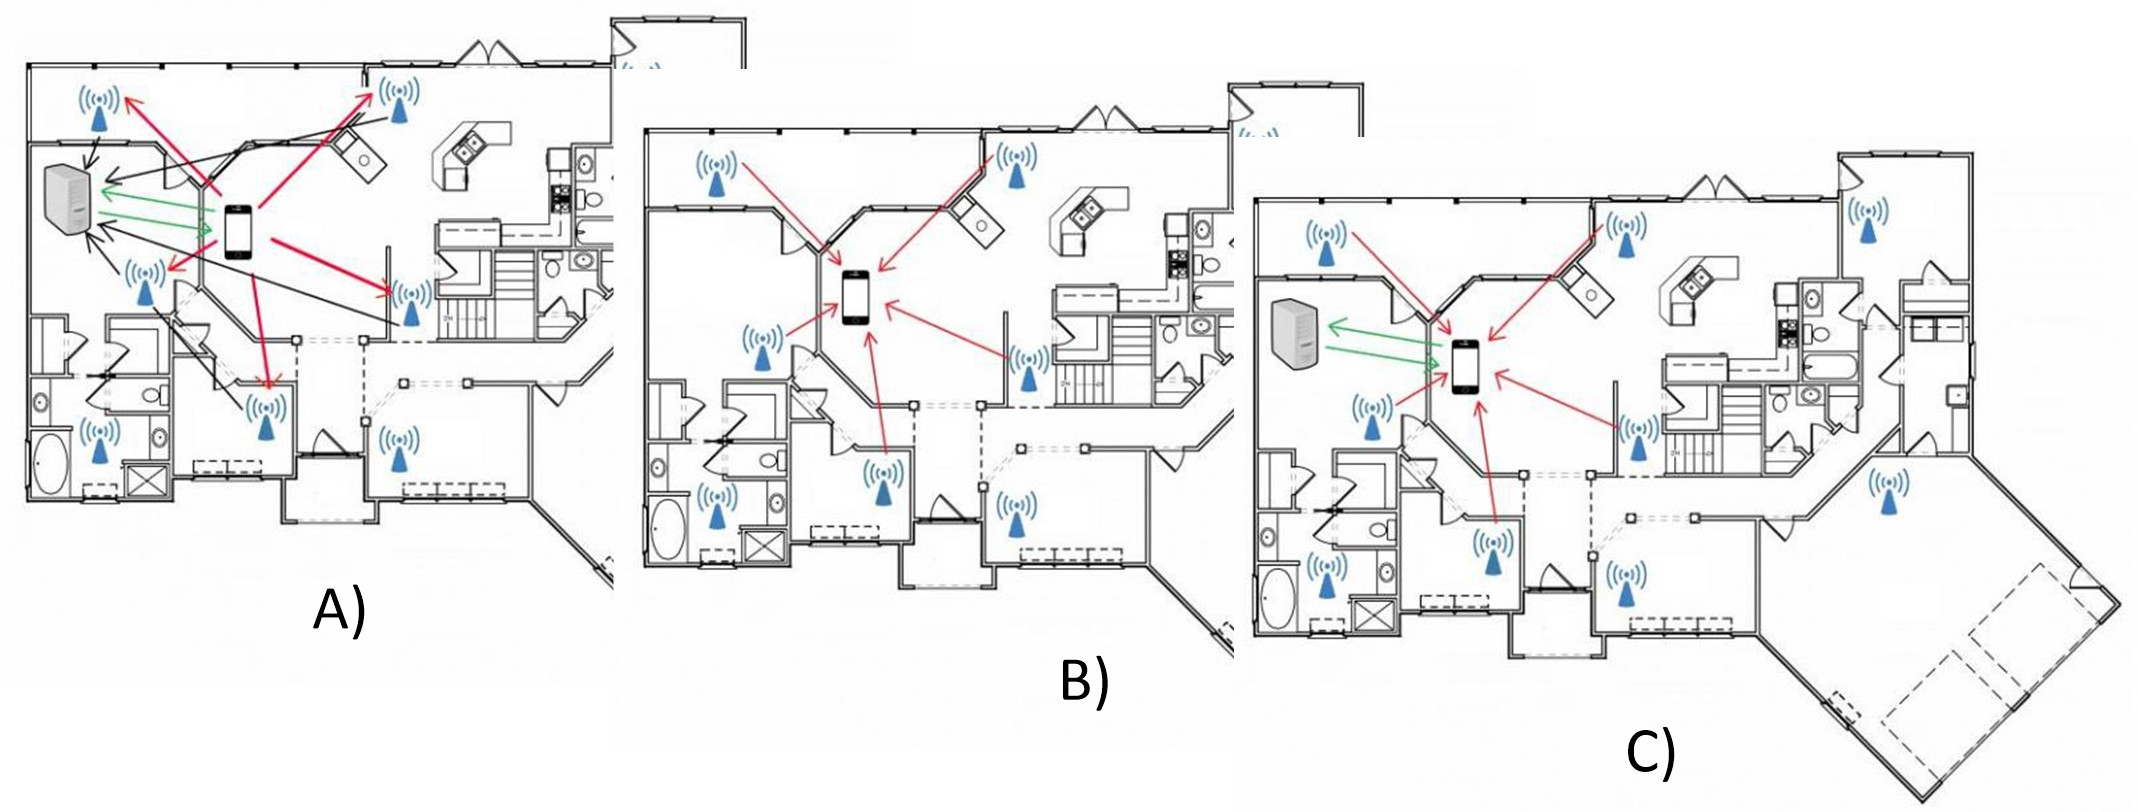 Obr. 5 Lokálna navigácia pomocou prístupových sietí Wifi.